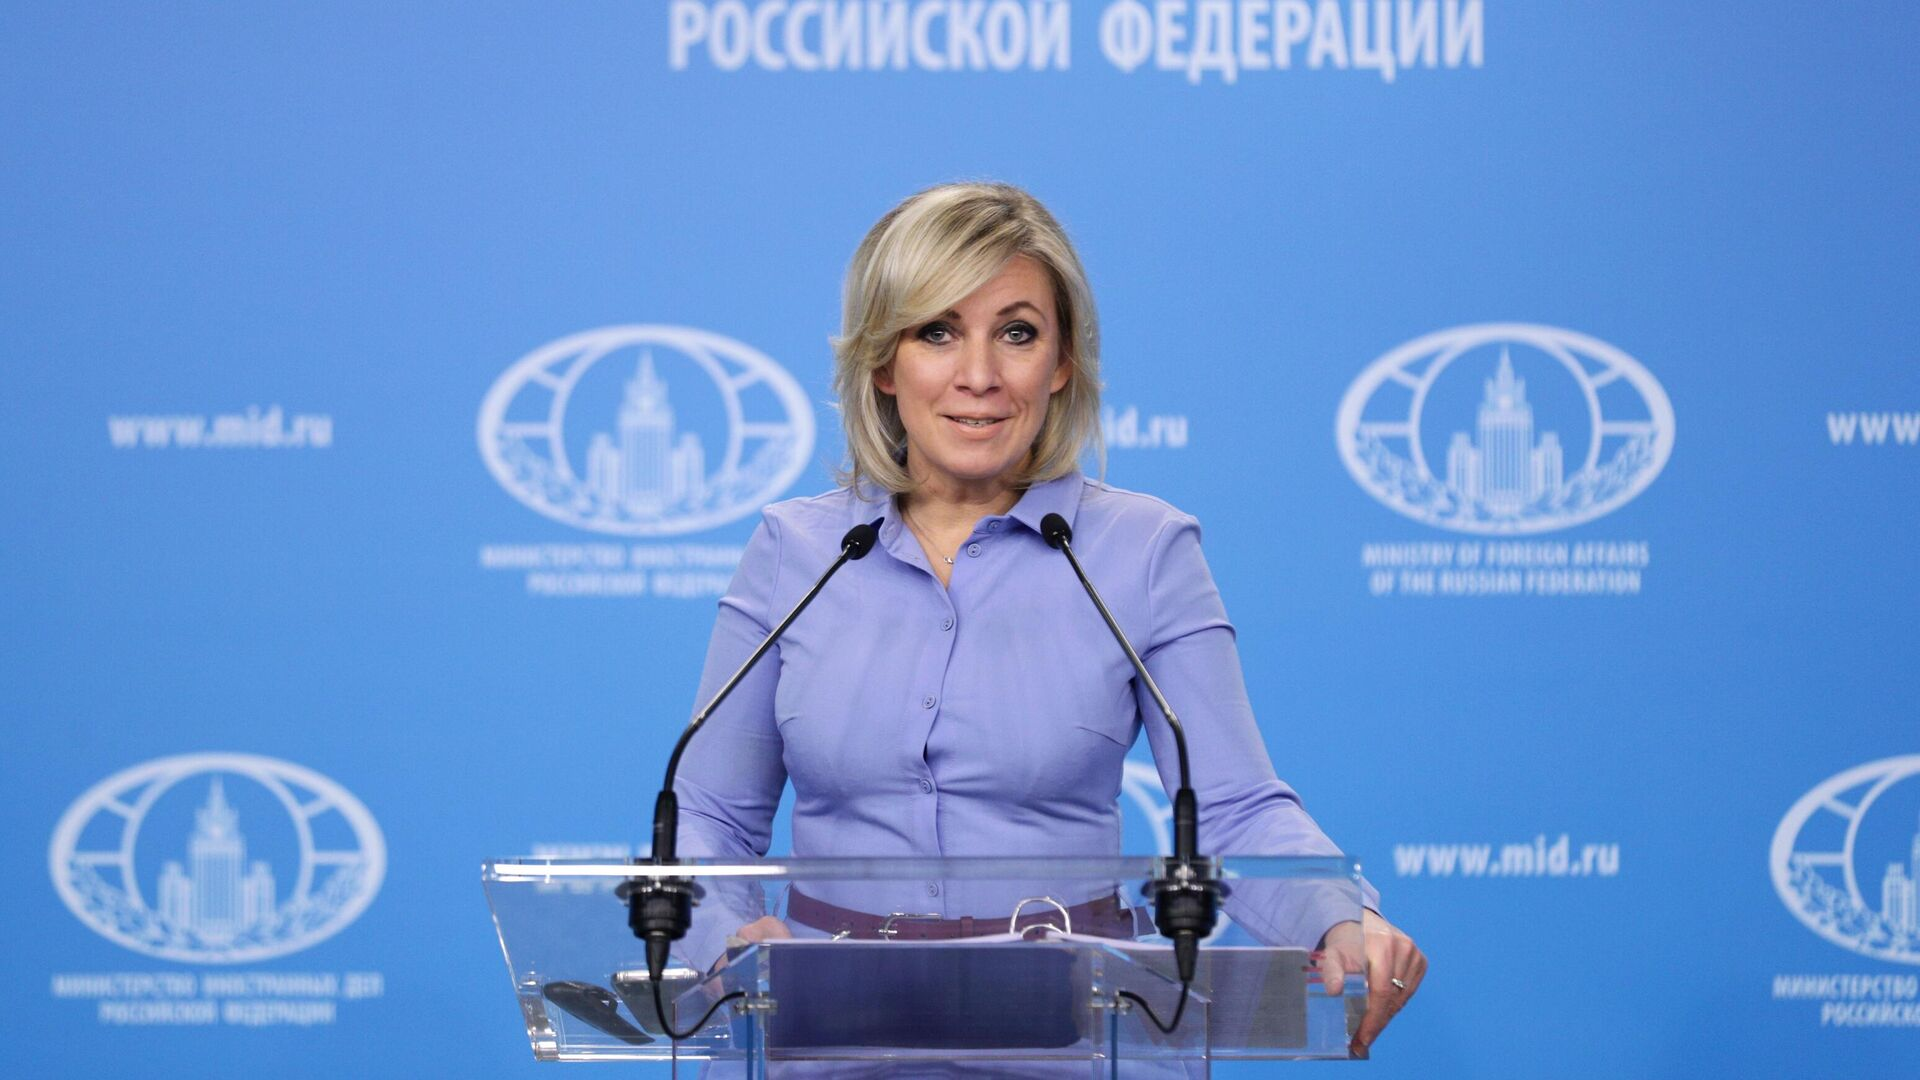 Официальный представитель Министерства иностранных дел РФ Мария Захарова во время брифинга в Москве - РИА Новости, 1920, 15.07.2021